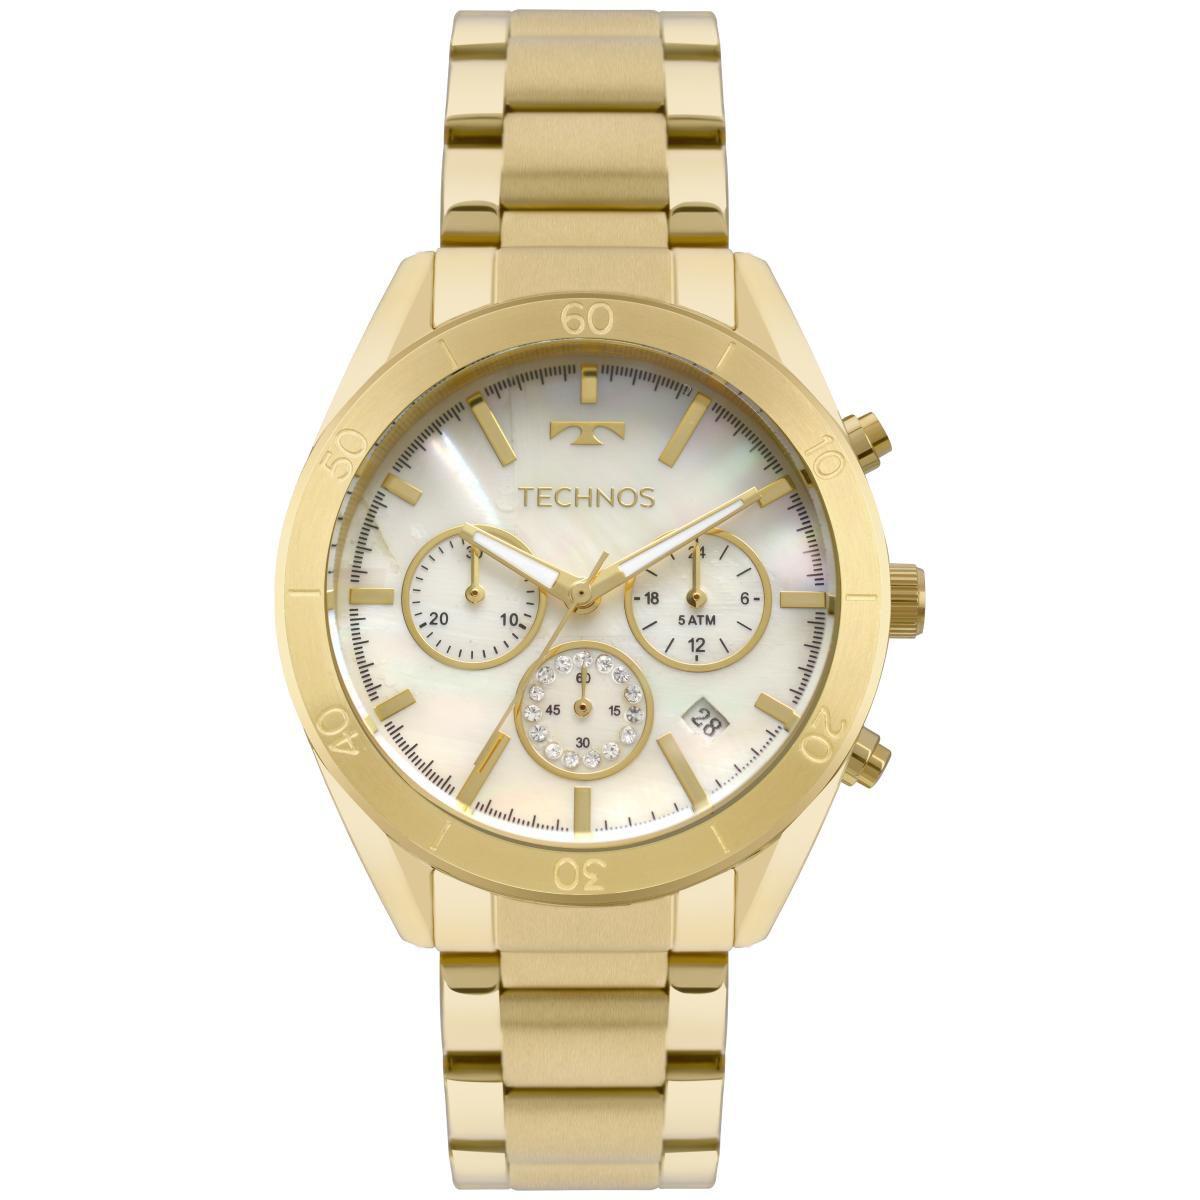 Relógio Feminino Technos Elegance Ladies JS25BV 4B 40mm Aço Dourado -  Vitrino Relógios 3f70612093